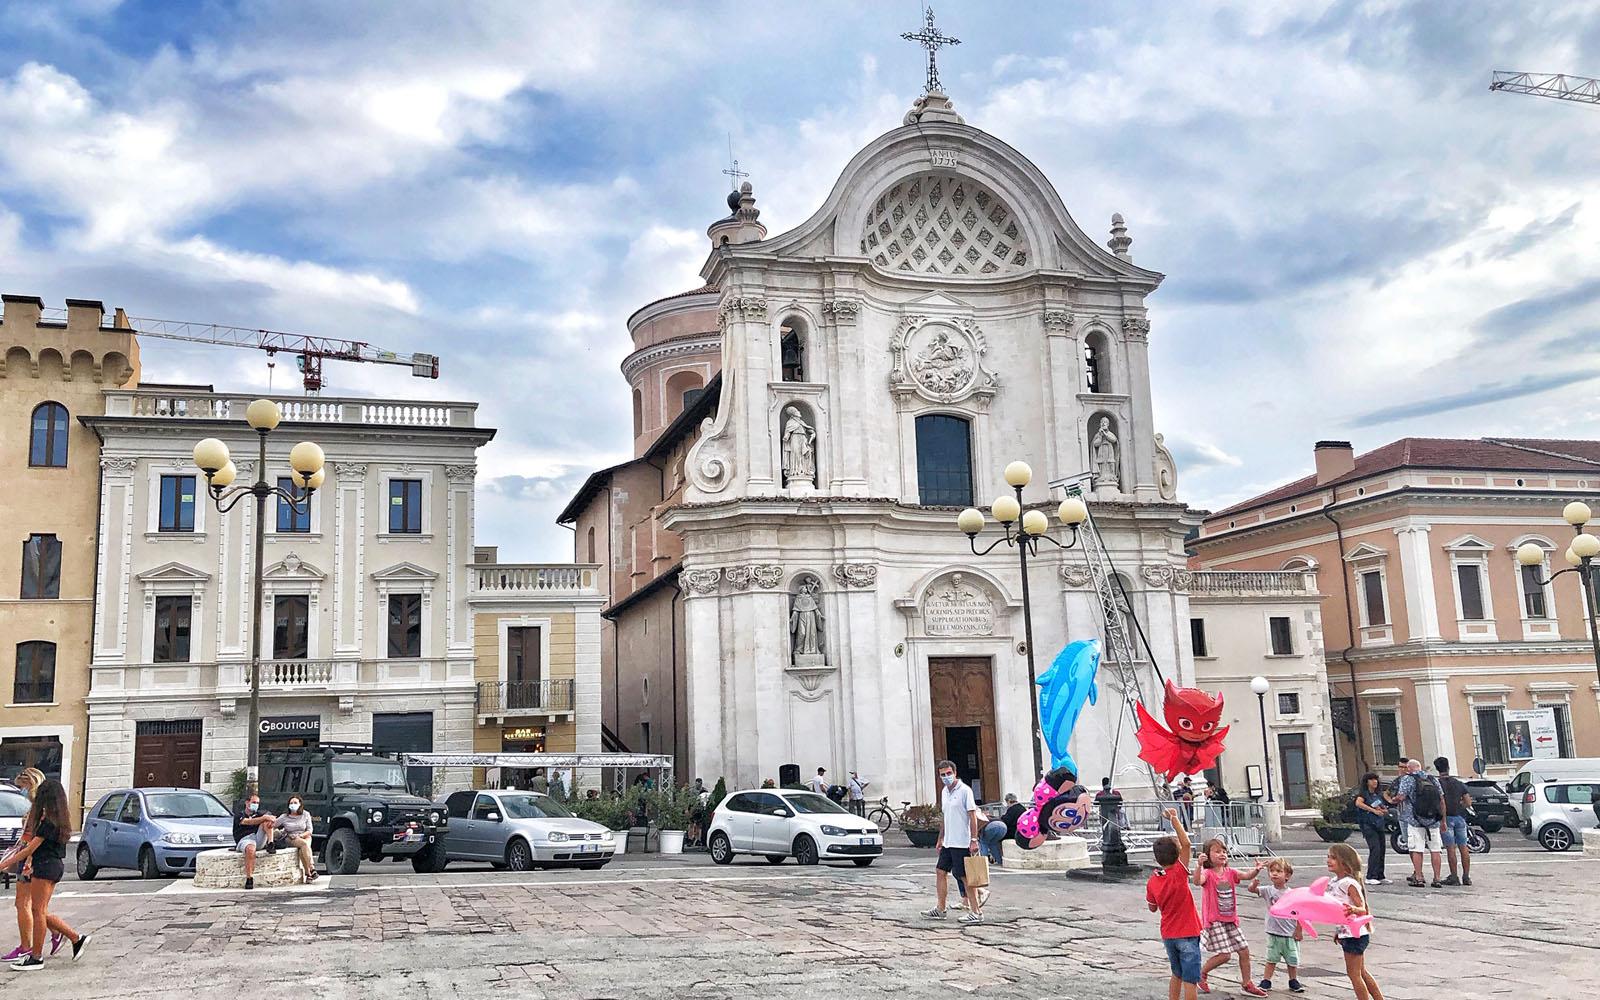 La chiesa delle Anime Sante di Giuseppe in piazza del Duomo a l'Aquila.